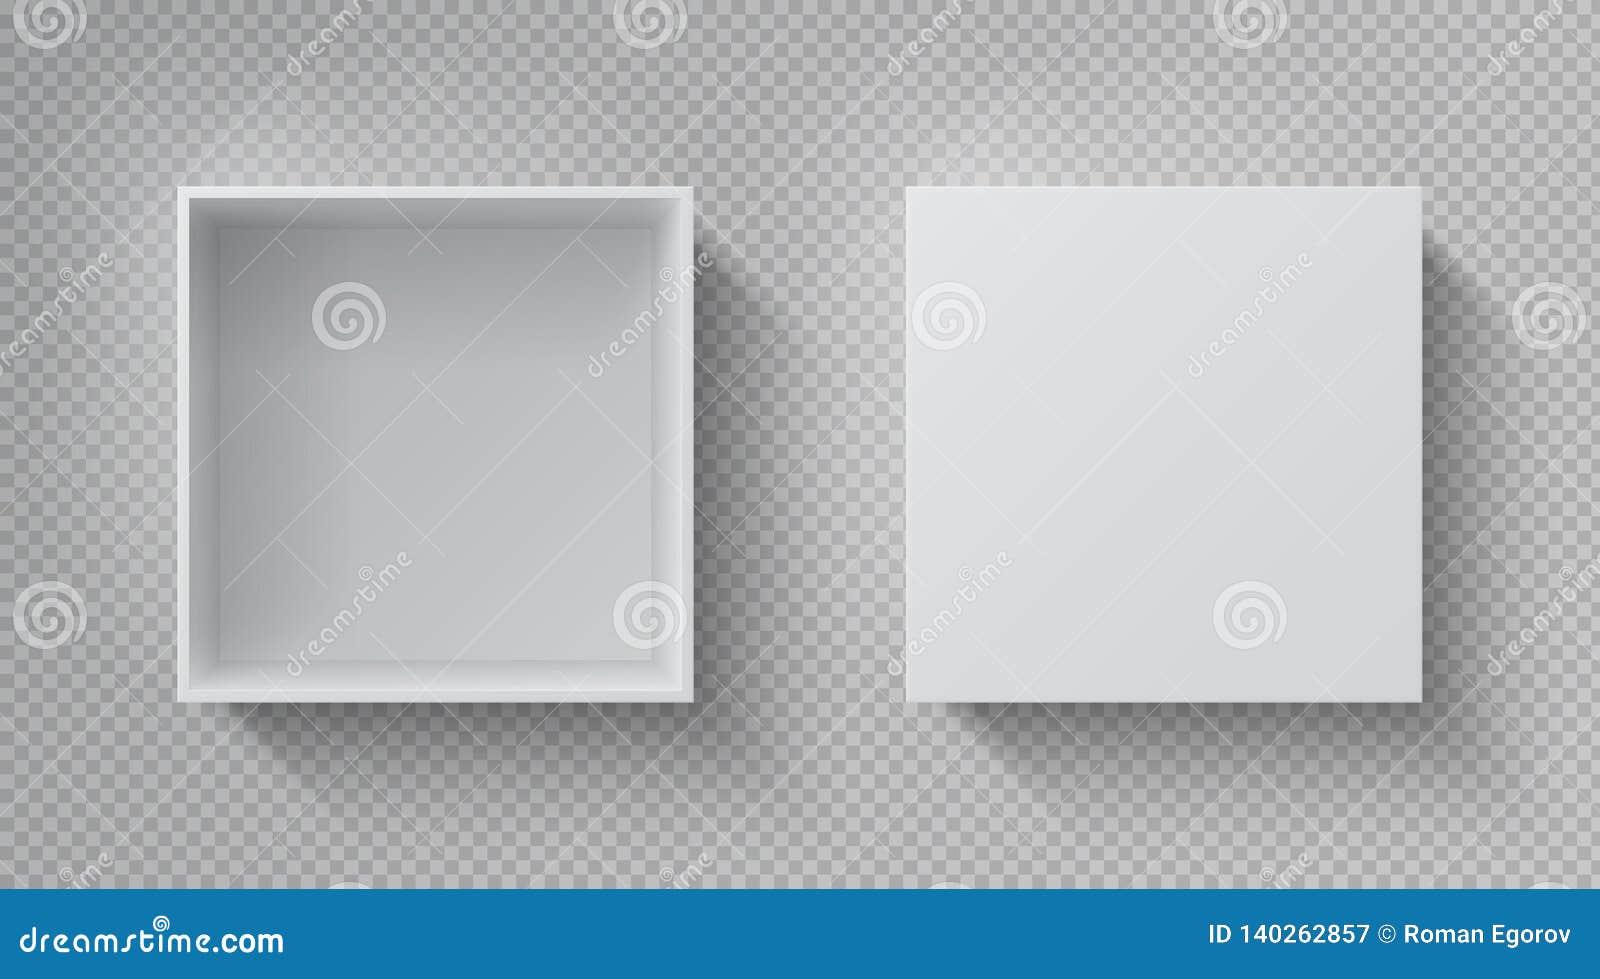 Realistyczny pudełkowaty ODGÓRNY widok Otwiera białego pakunku mockup, karton zamykająca prezenta pudełka pustego papieru paczka